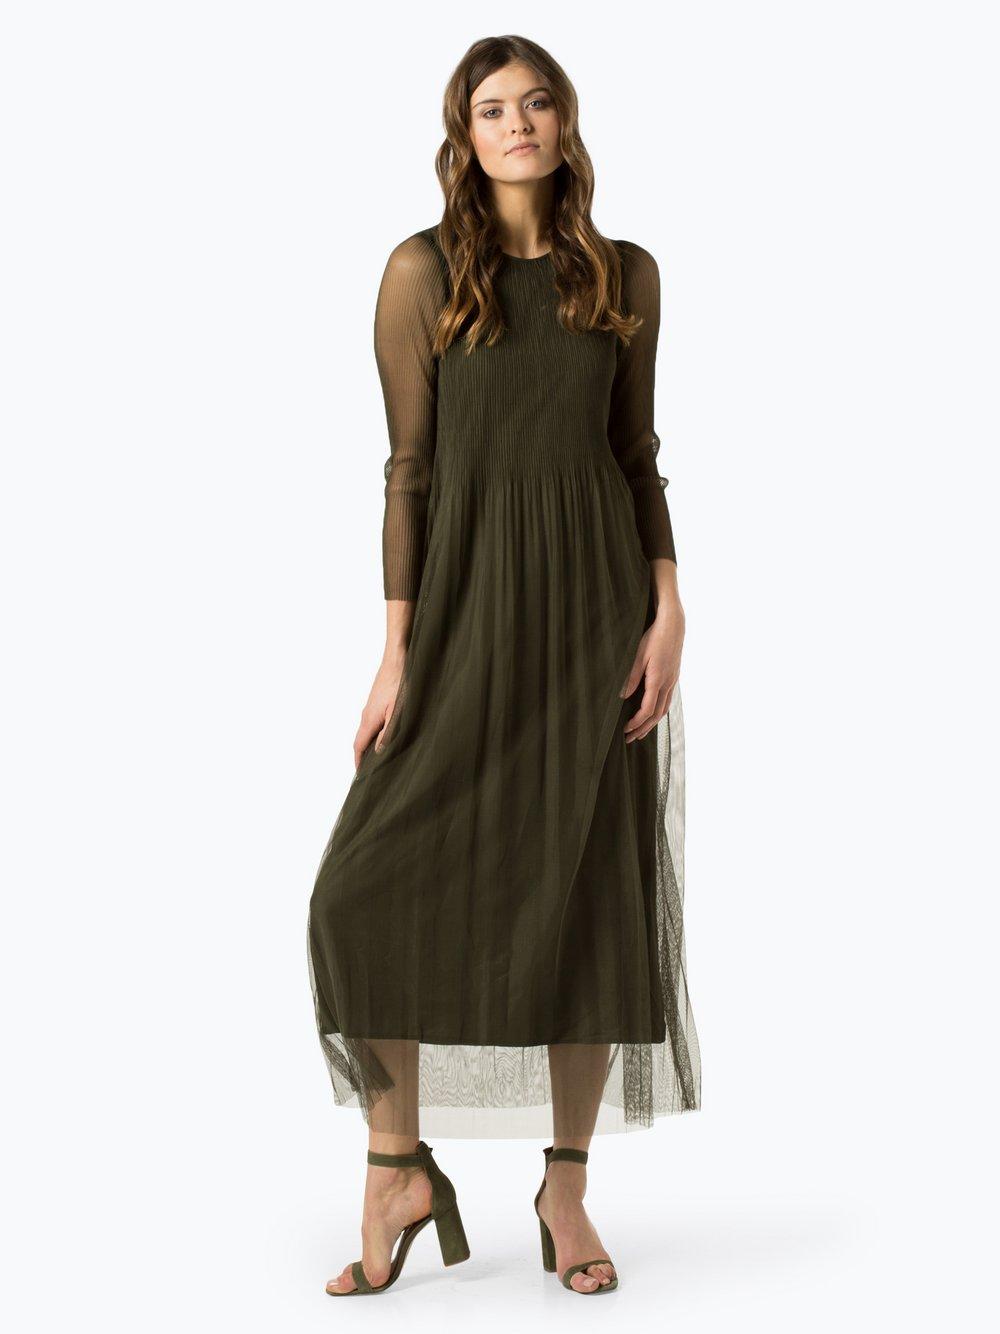 Kleid Yasholira s Online a Damen KaufenVangraaf Y com TlKcF1J3